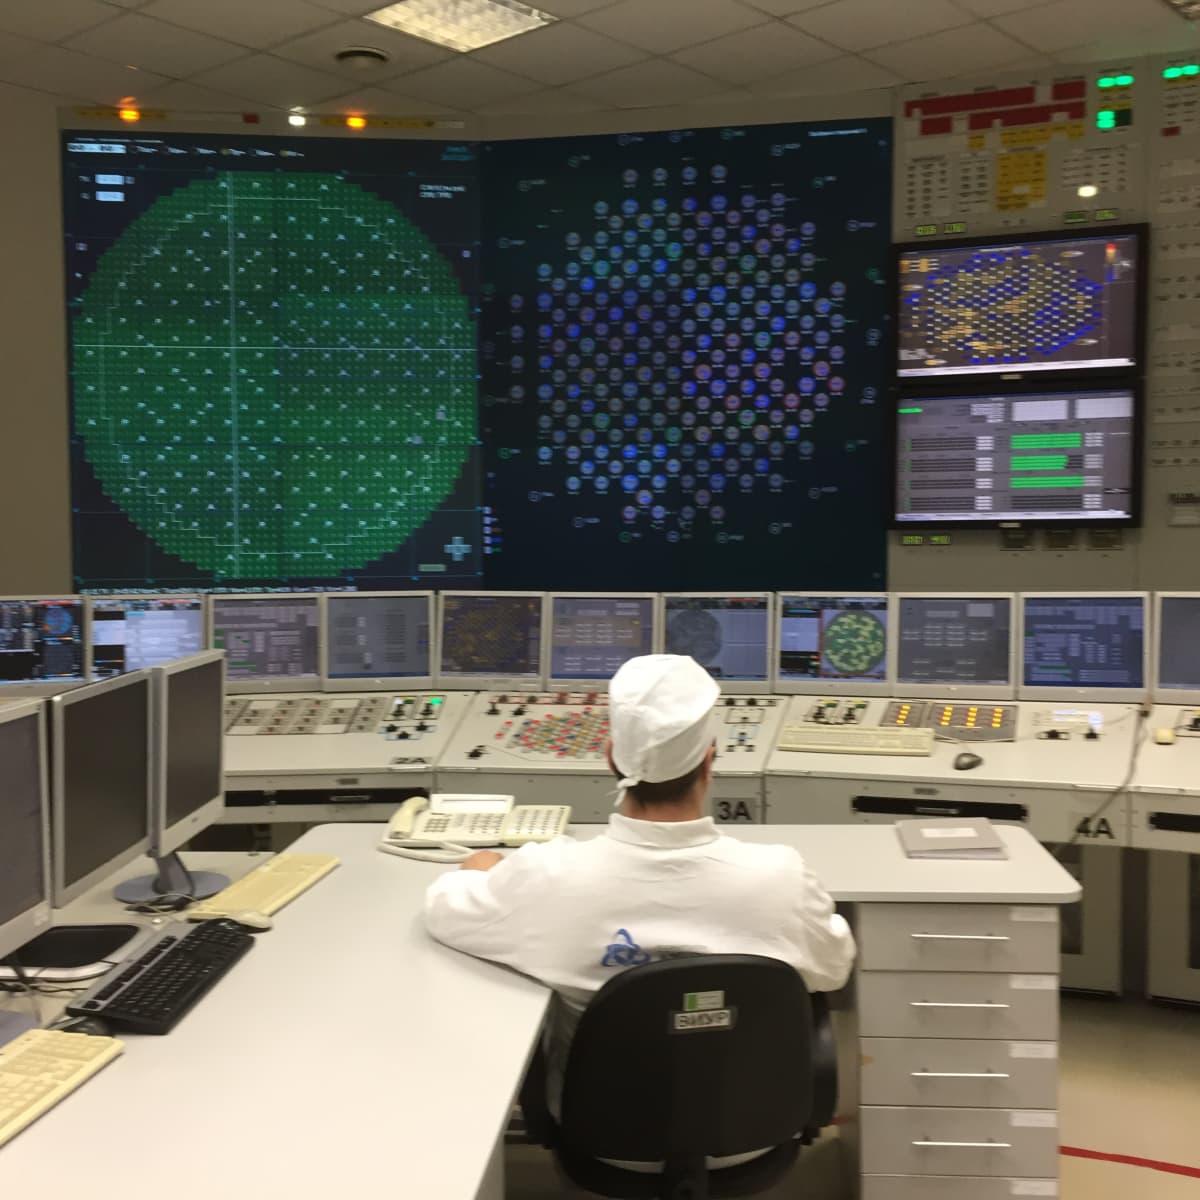 LAES1:n ykkösreaktorin ohjaamon ydinpolttoainenippuja kuvaava suuri monitori on vaikuttavan näköinen.